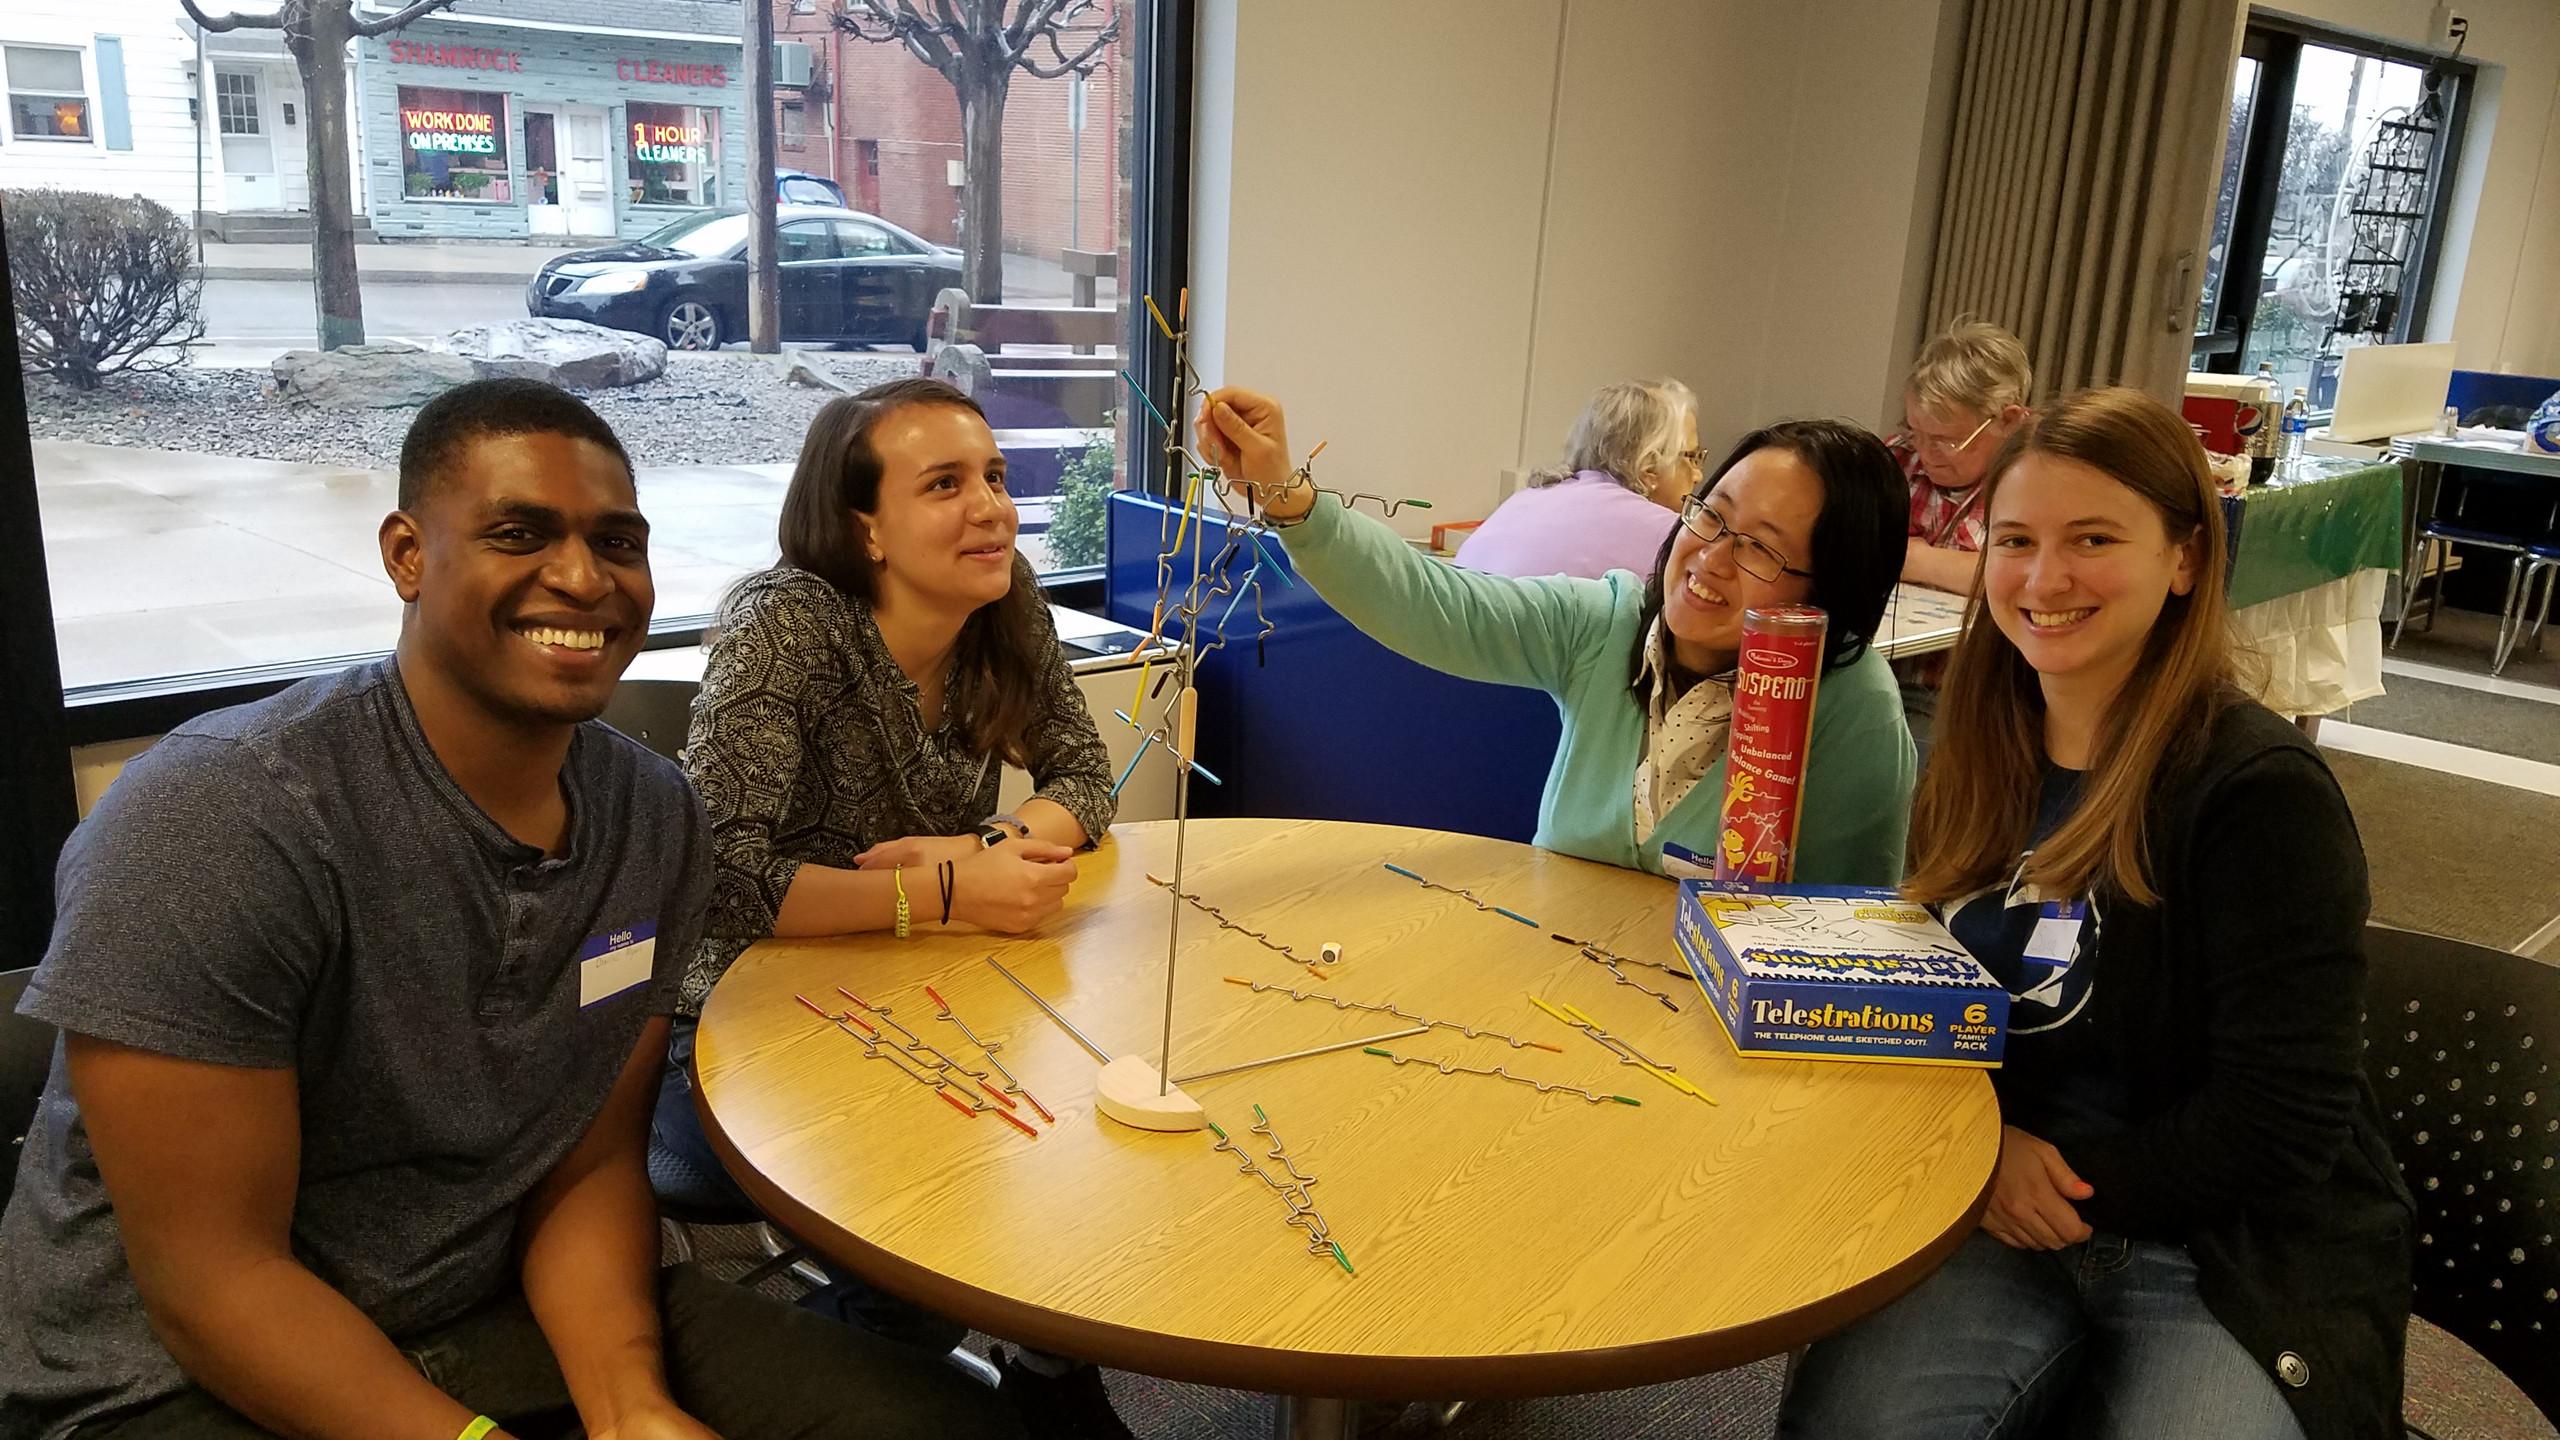 Lab members Charles, Elaina, Dr. Chongming, and Sara enjoy a game of Telestrations